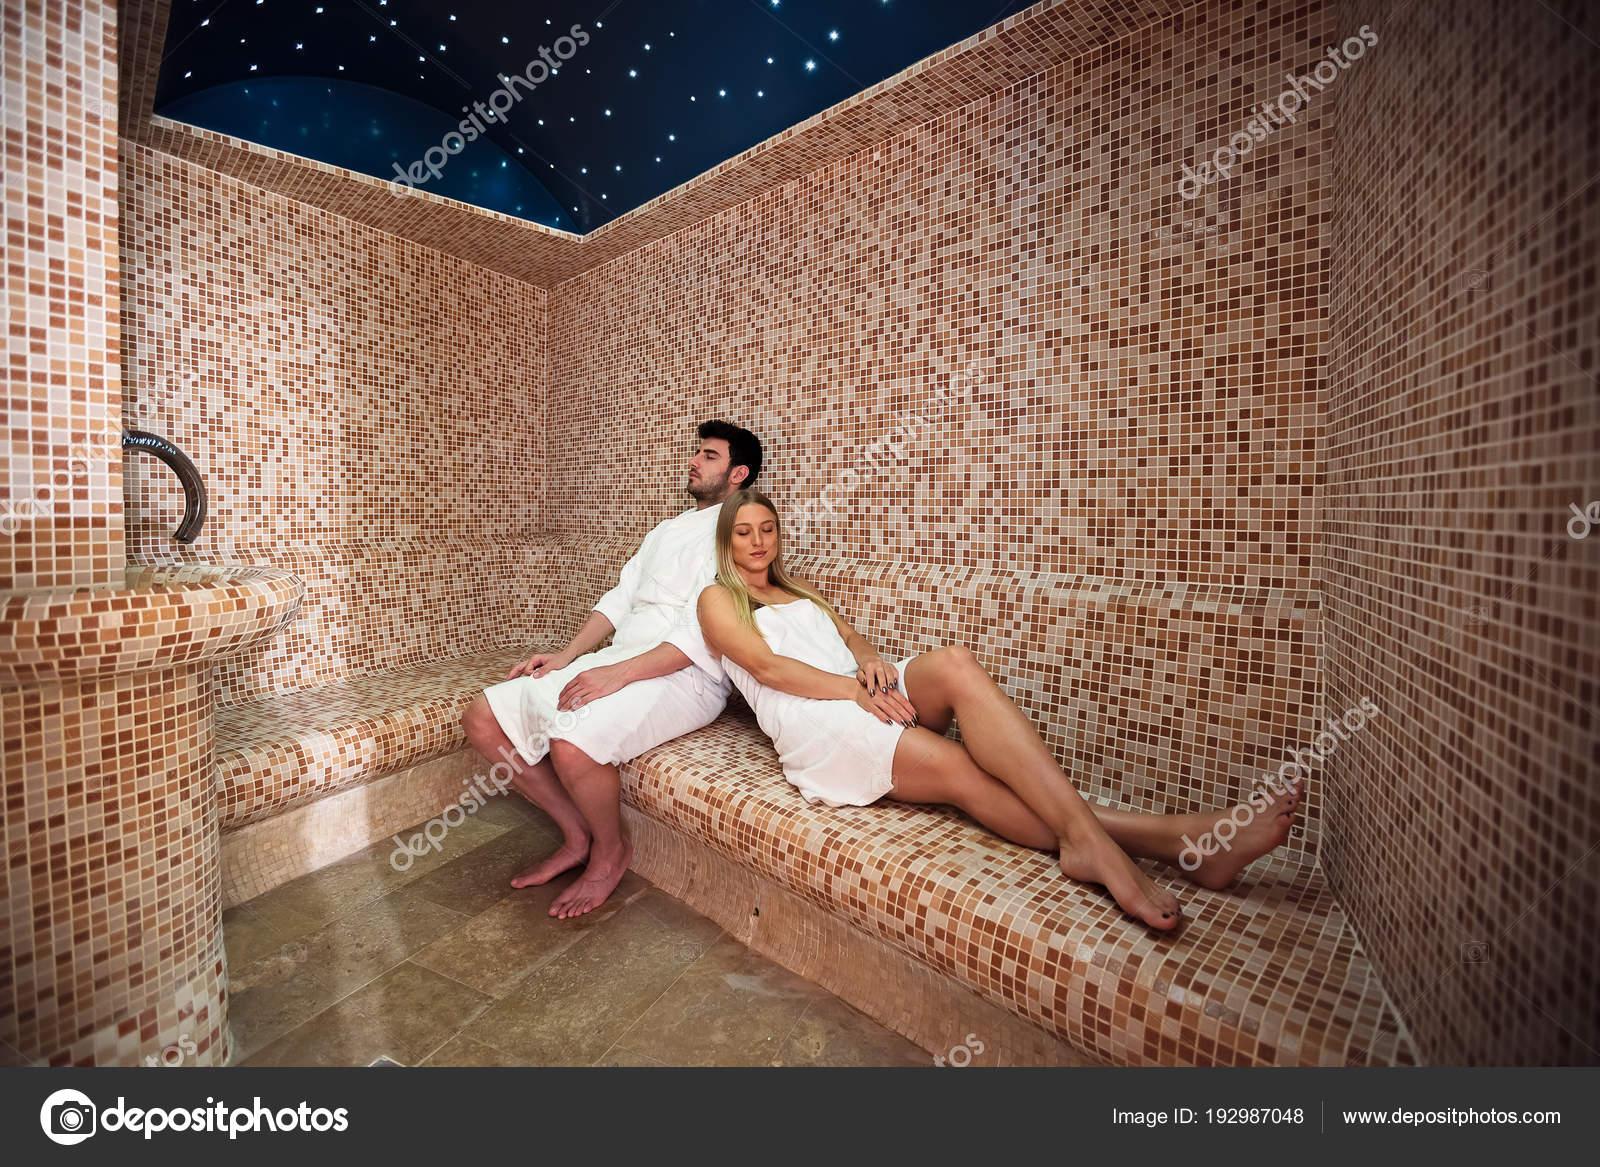 Секс пар в бане сауне в воде